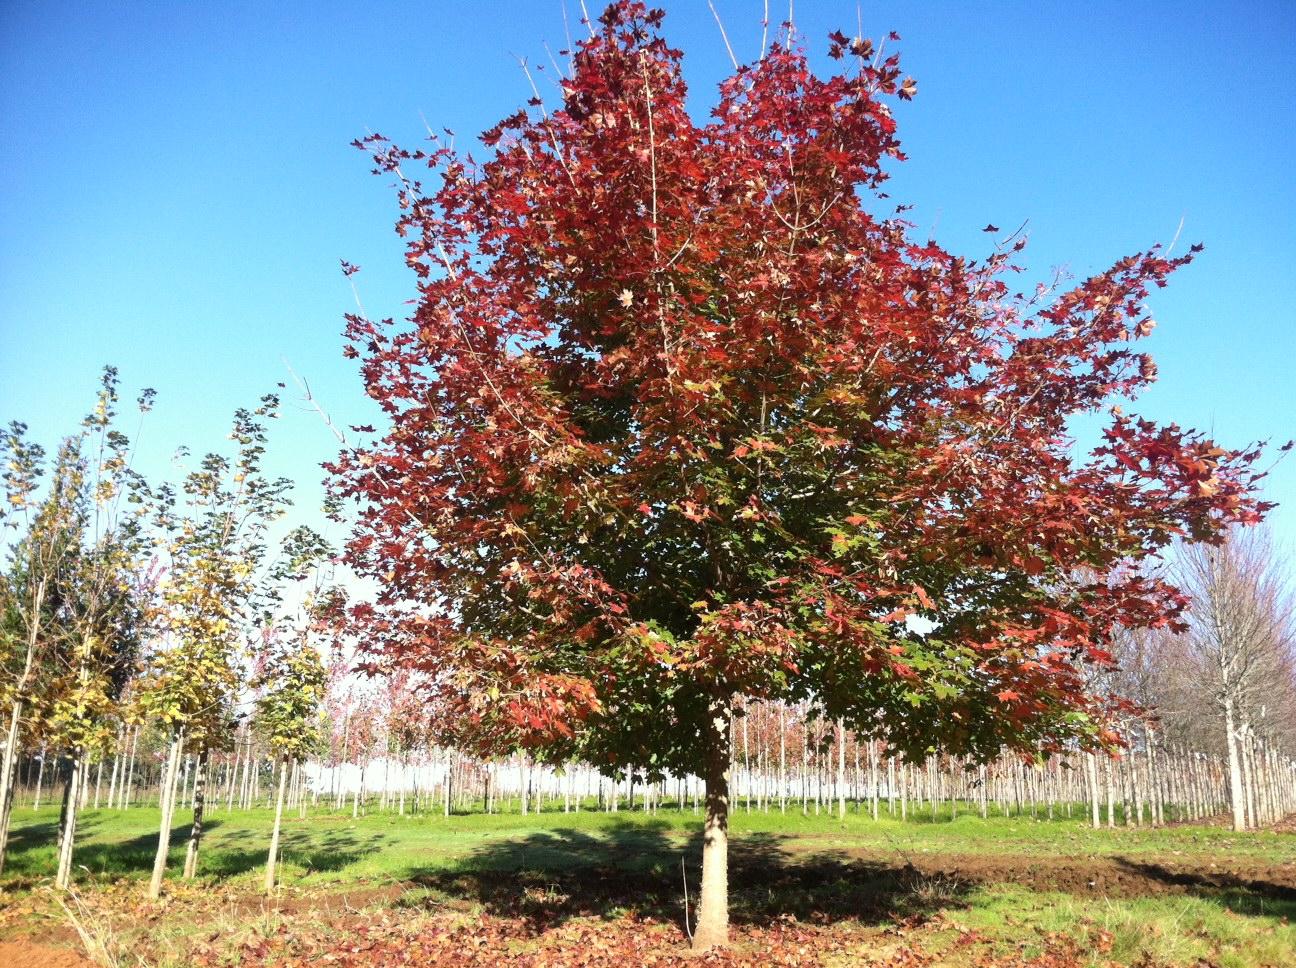 Acer trunc. x Acer plat . 'Keithsform (Norwegian Sunset Maple)  Specimen